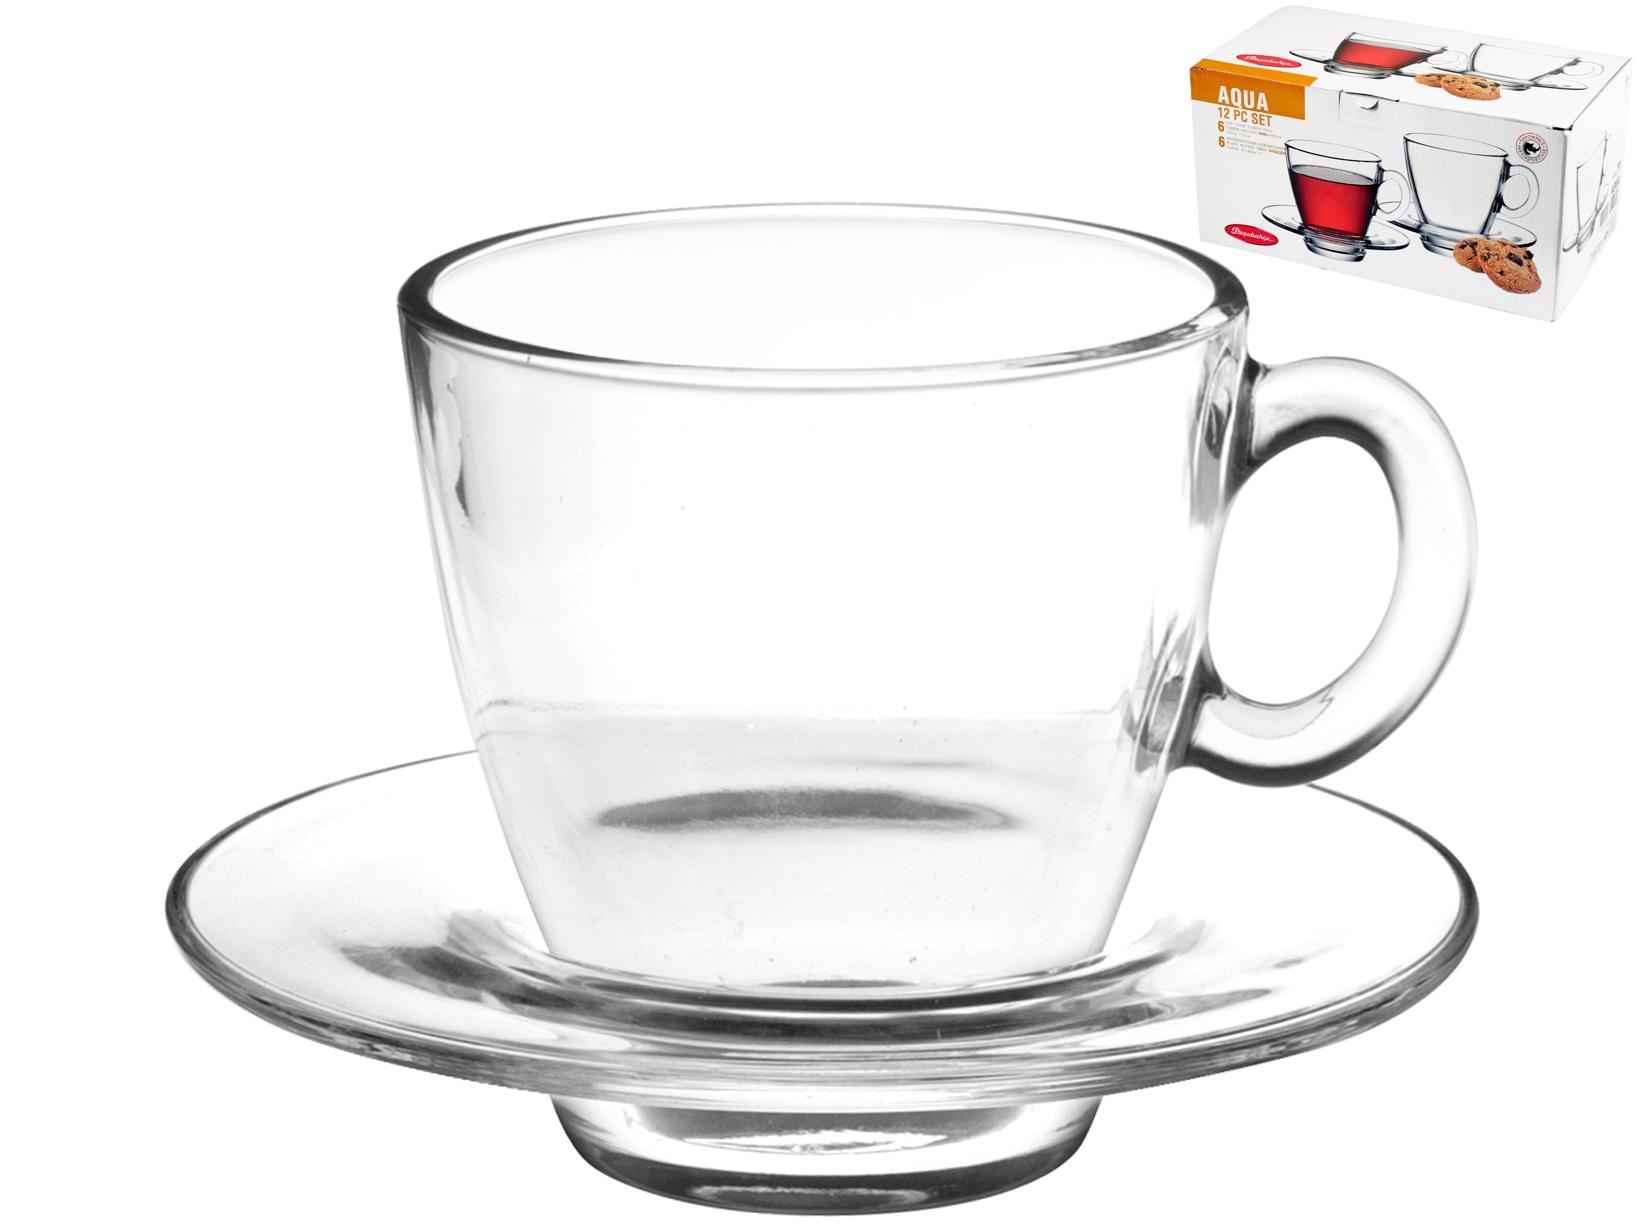 6 Tazze Cappuccino Con Piatto Aqua 21,5